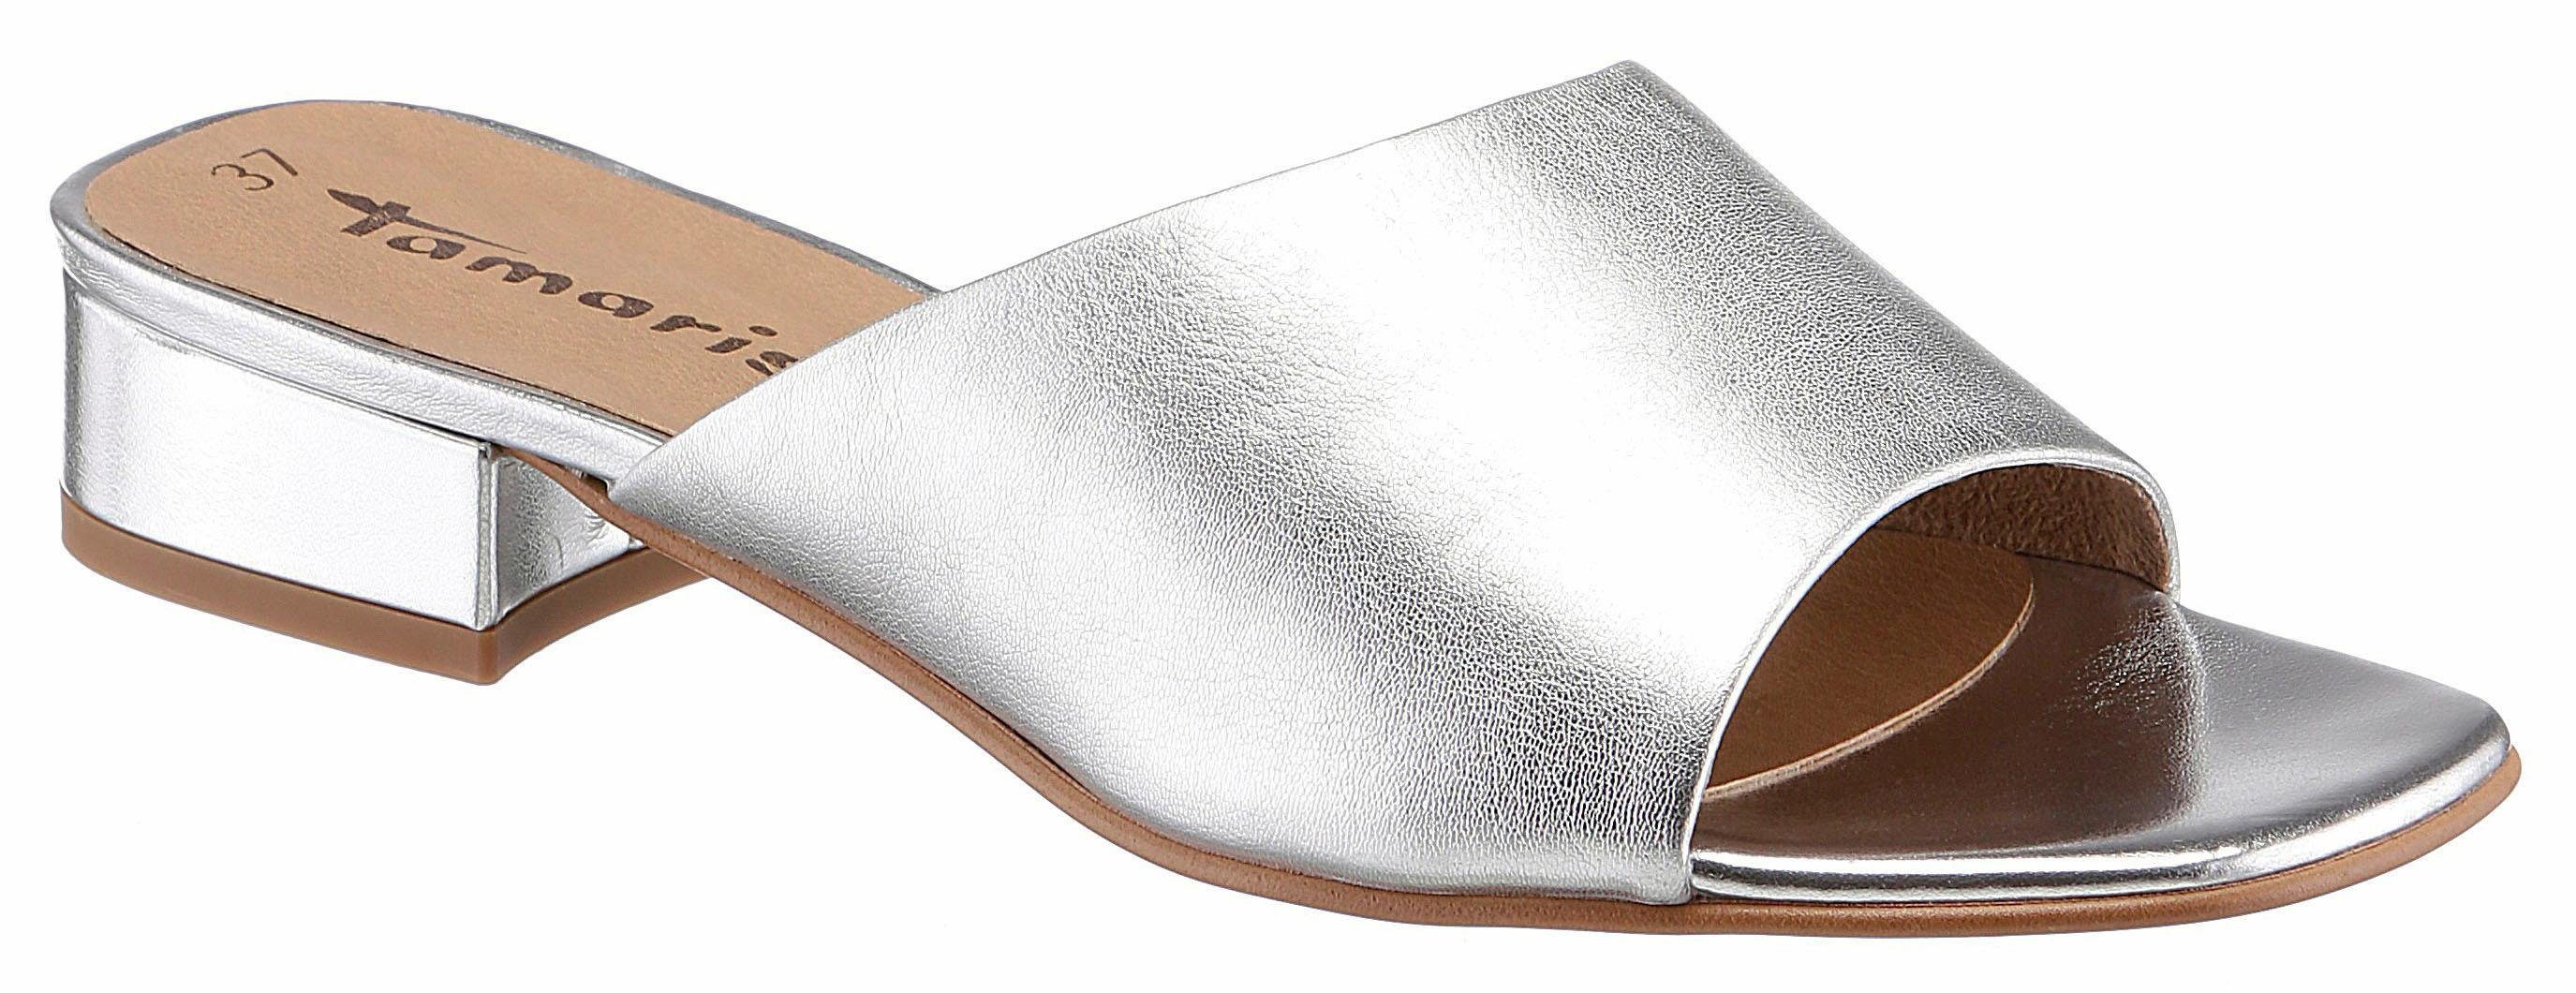 Tamaris Pantolette, im schlichten Design kaufen  silberfarben